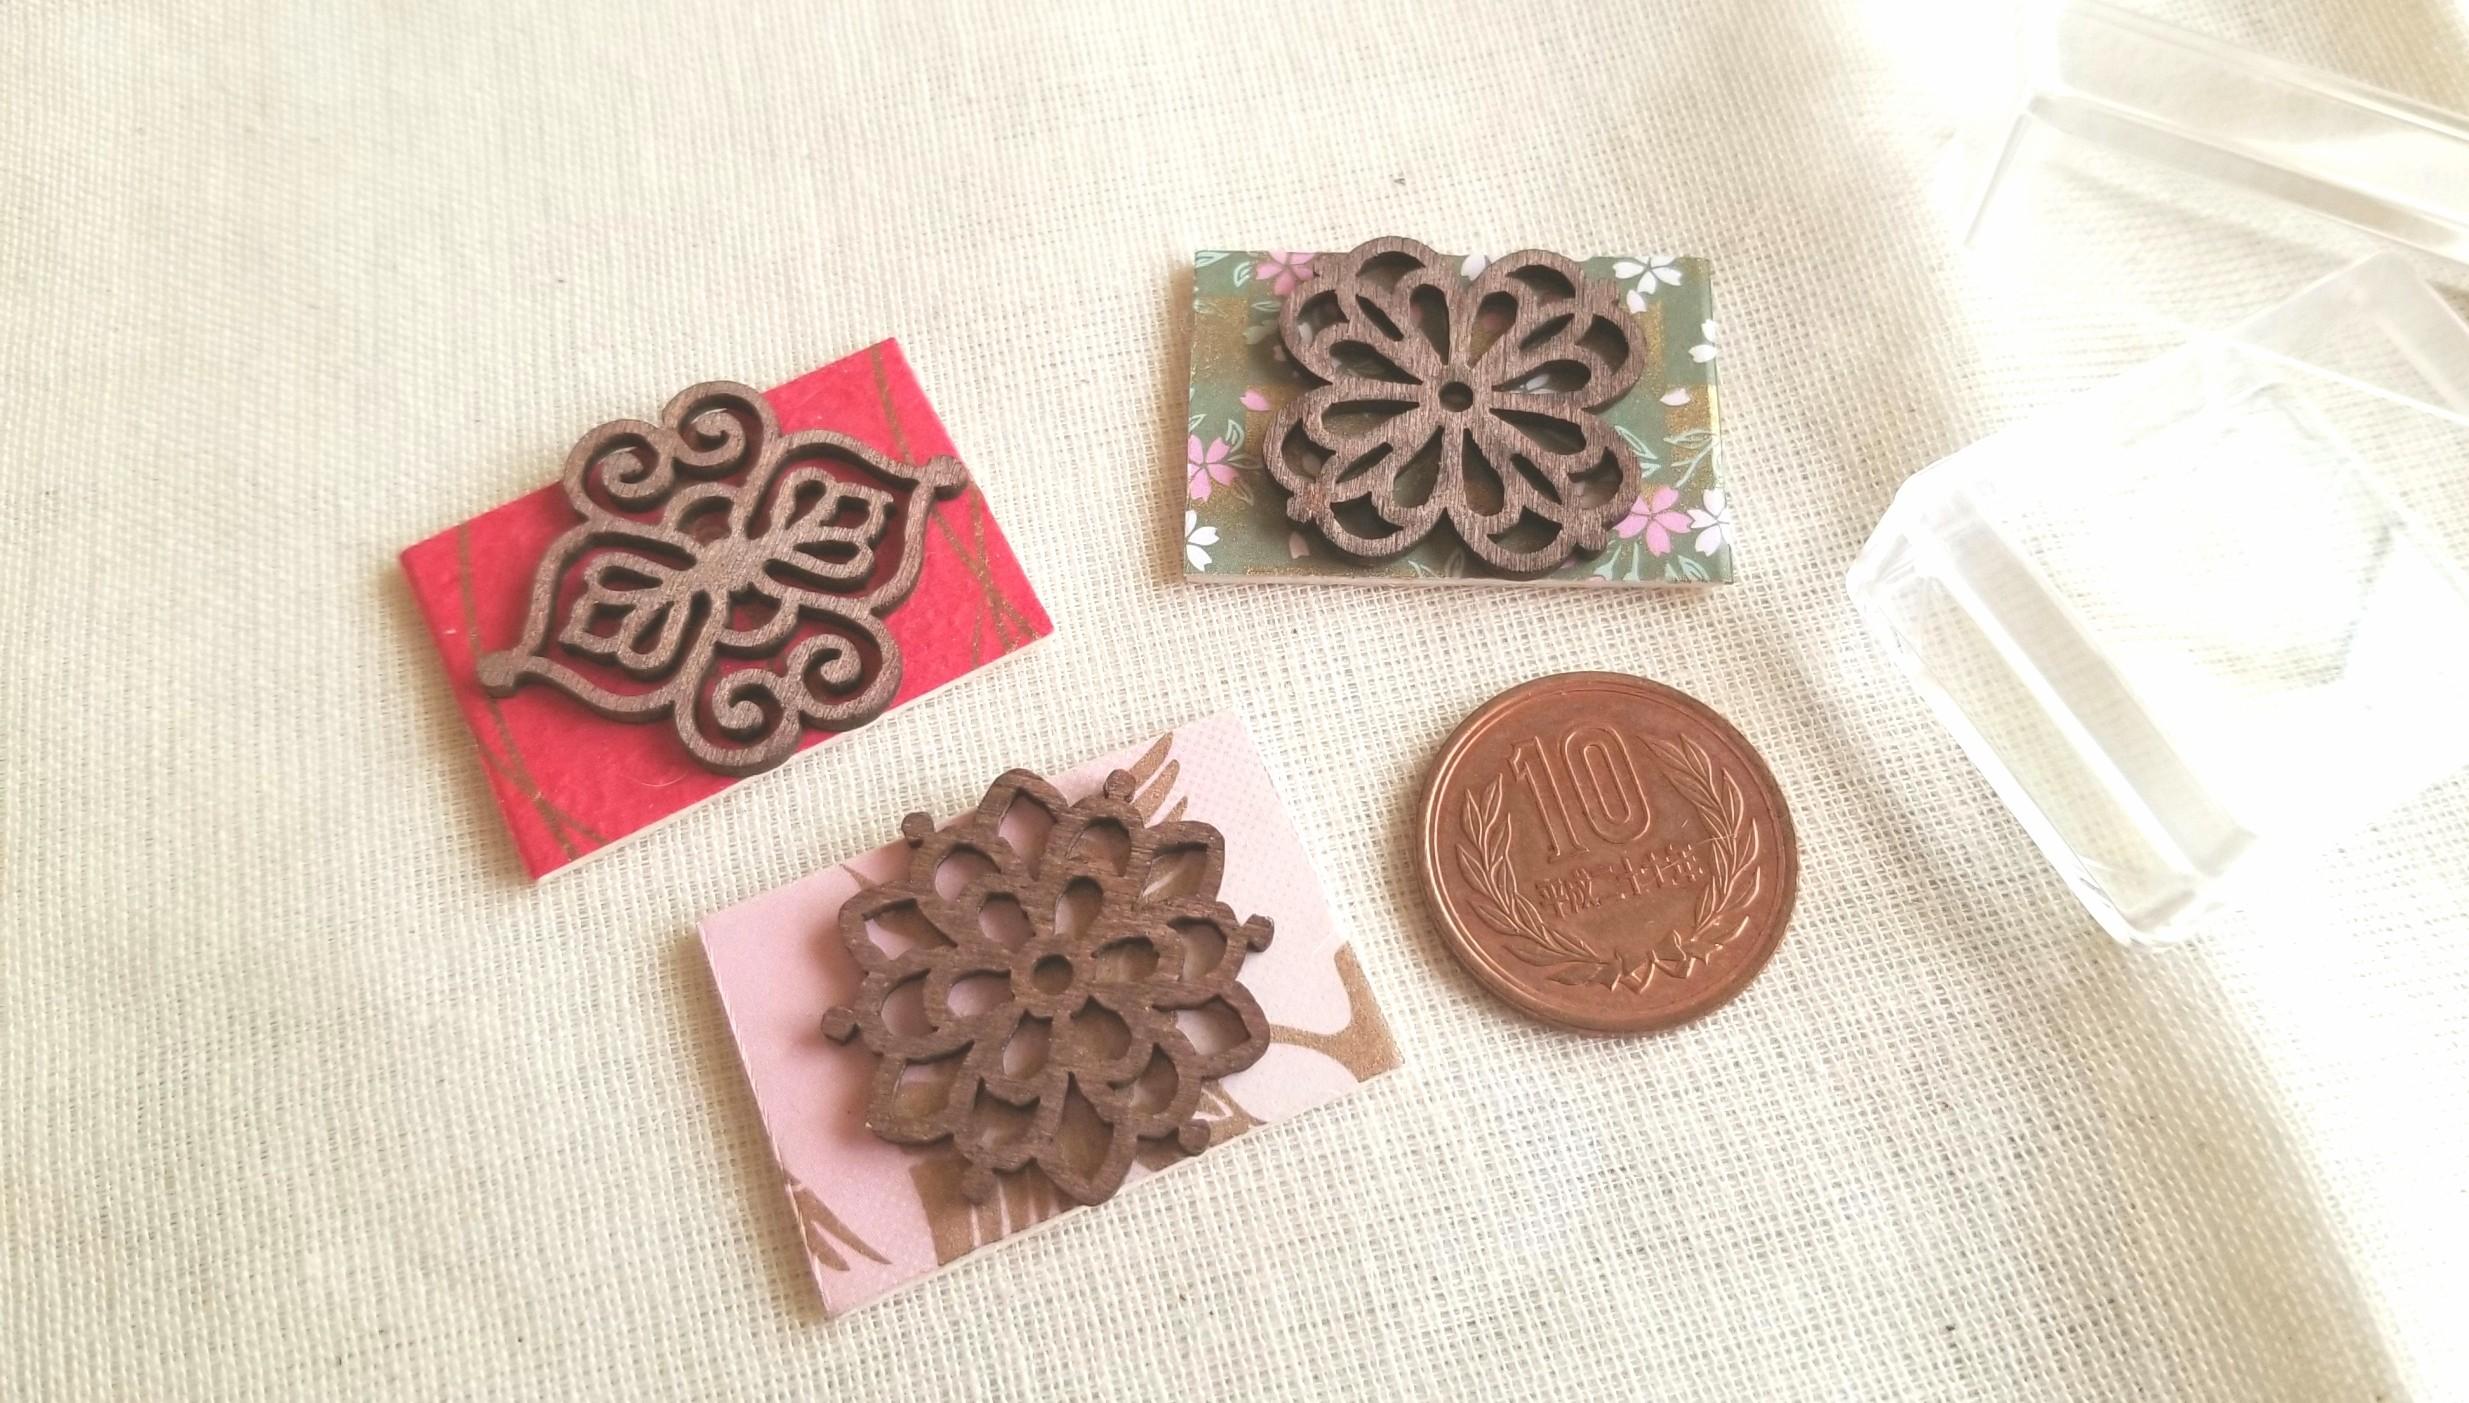 ミニチュアフード,土台,台紙,木製プレート,千代紙,樹脂粘土,肉まん